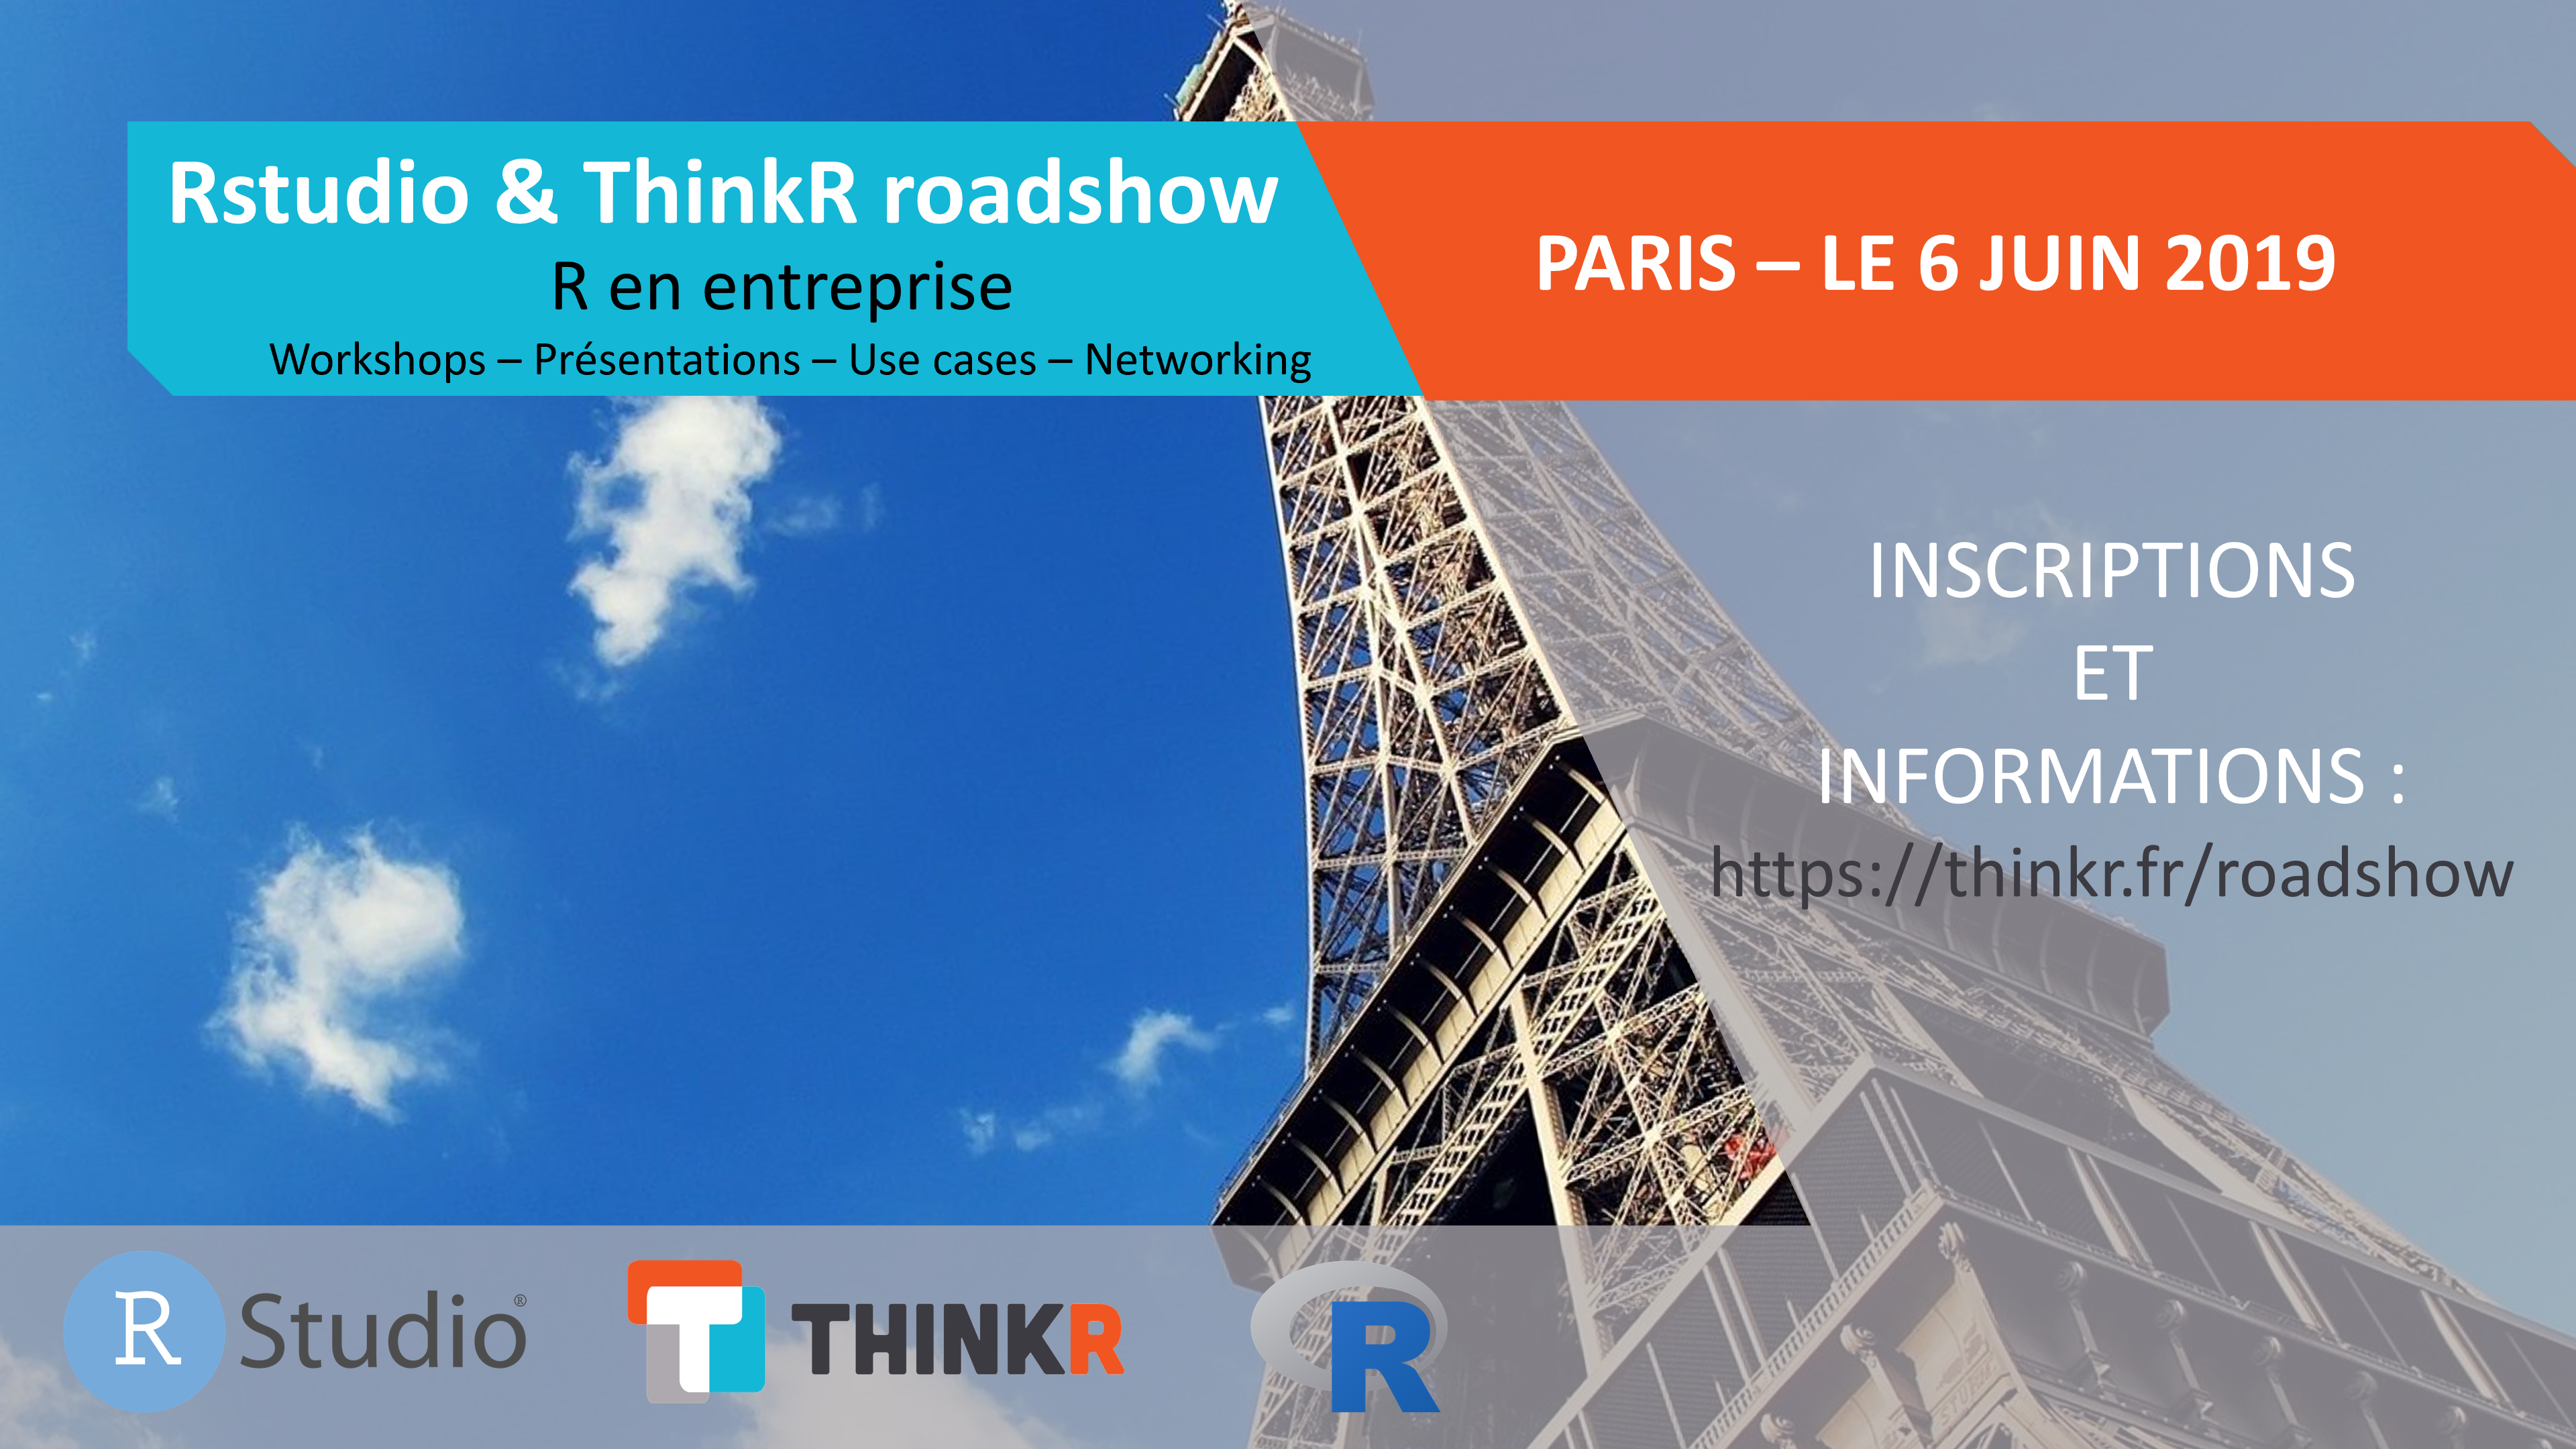 Rstudio roadshow Paris 6 juin 2019